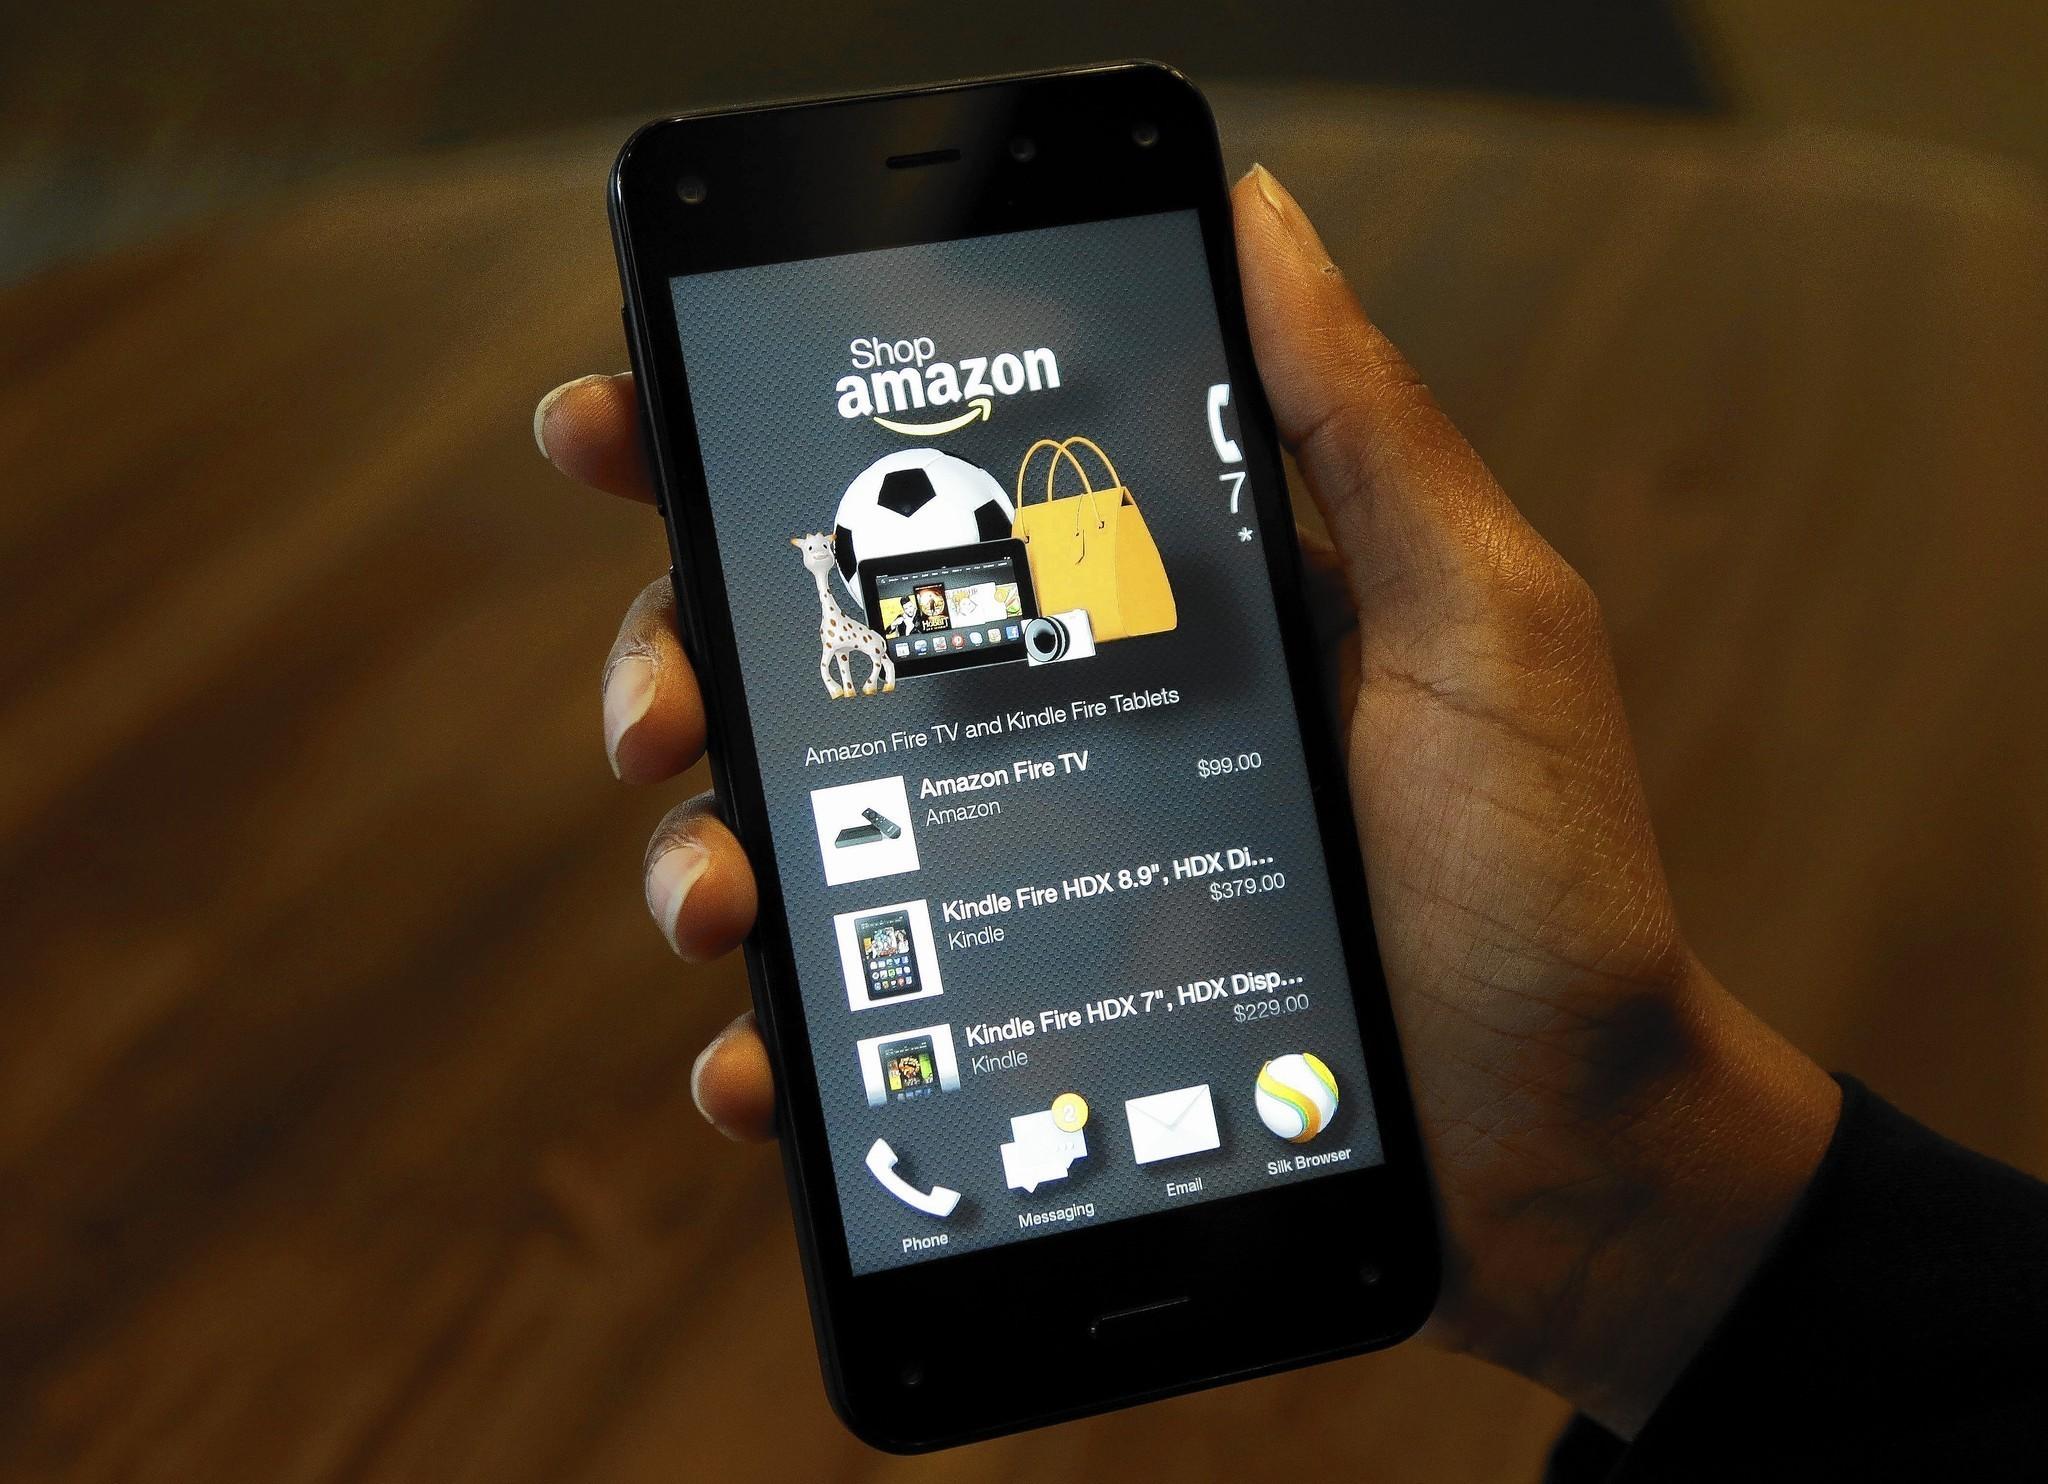 Amazon Sperre Inapp Käufe